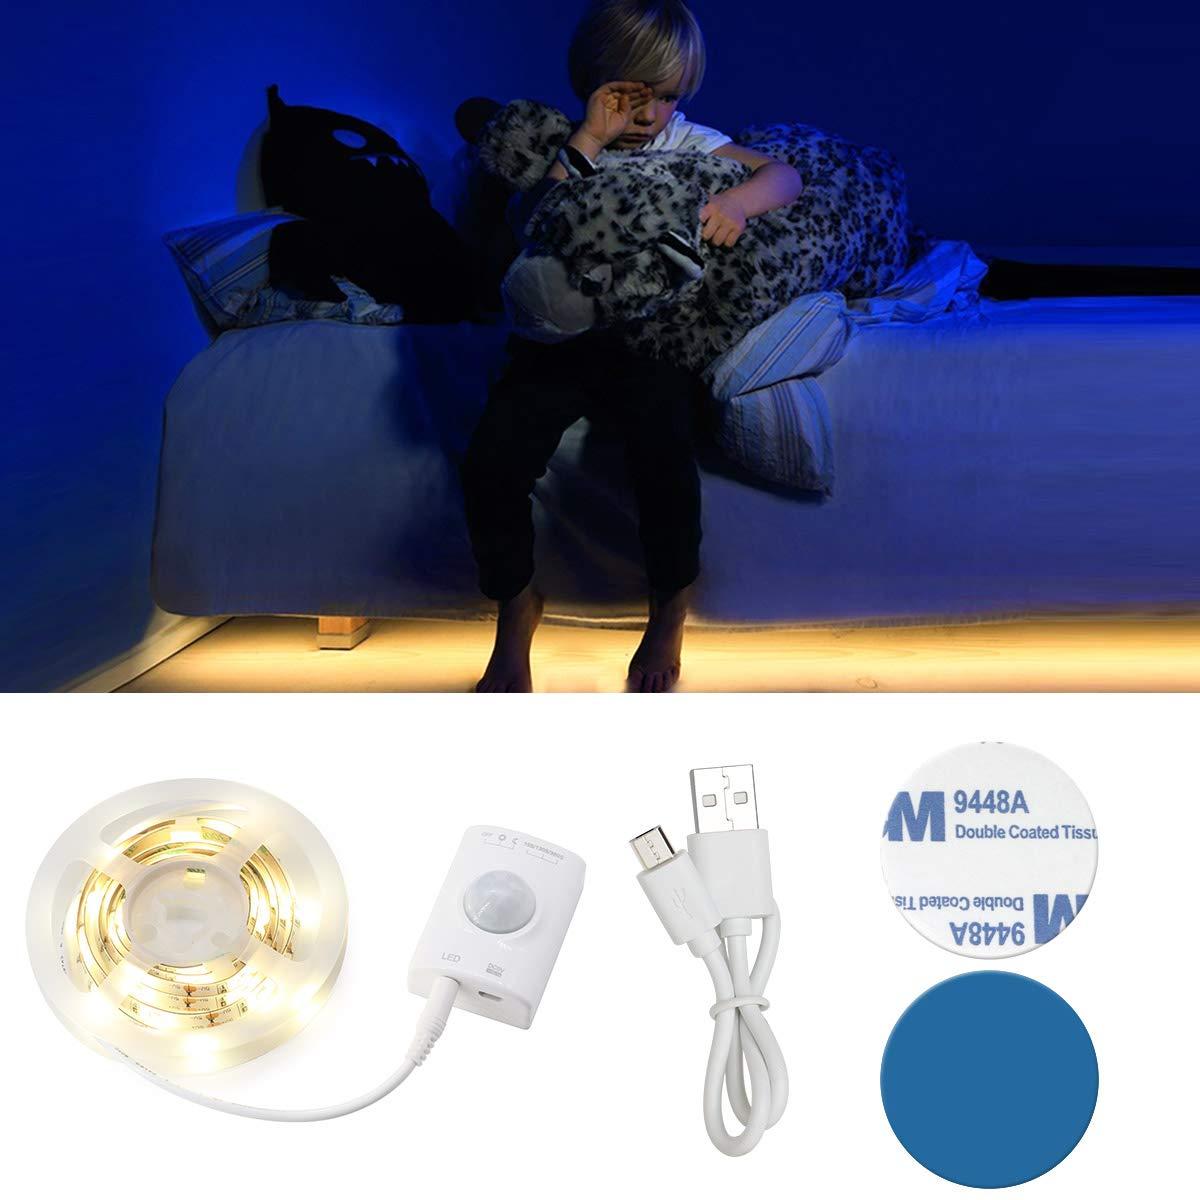 Lumière de Lit VDROL Bande LED Sensor de Mouvement Éclairage Lumière qui s\'Allume et s\'Éteint Automatiquement Idéal pour le Chevet, la Chambre à Coucher, Sous la Crèche, placard, Armoire, Plateau